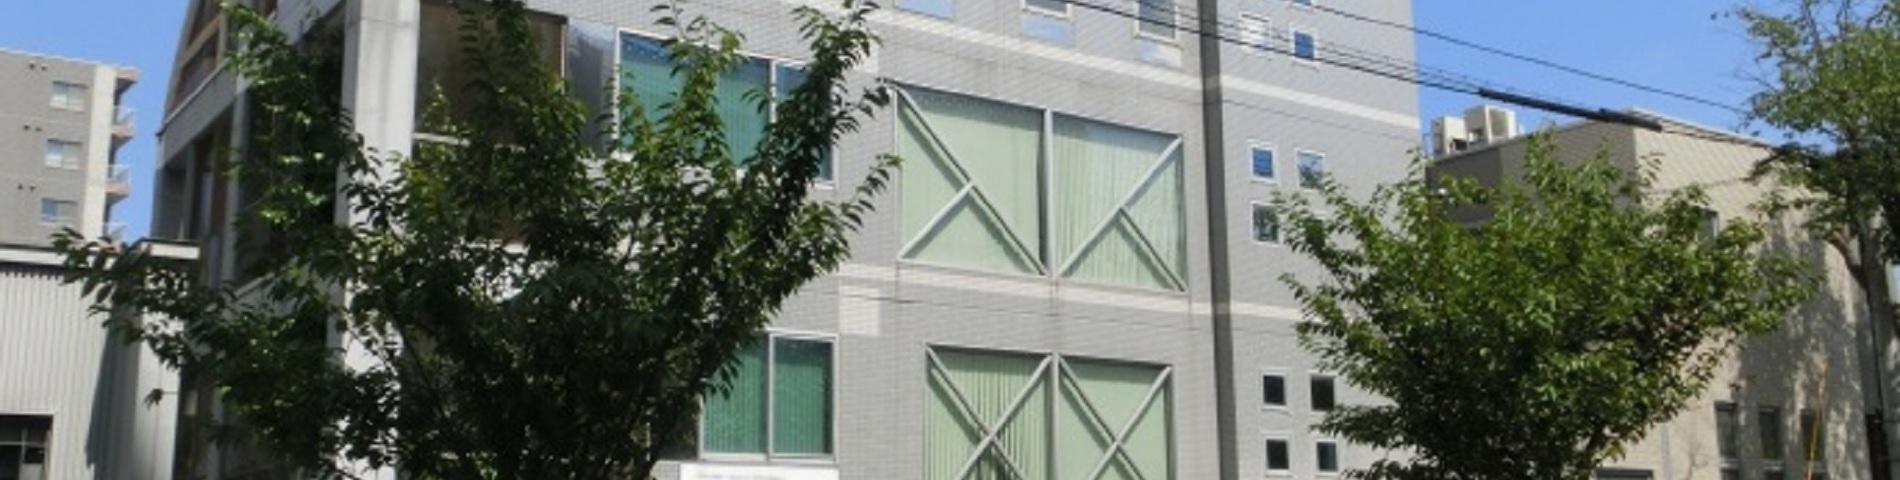 Japanese Language Institute of Sapporo bilde 1